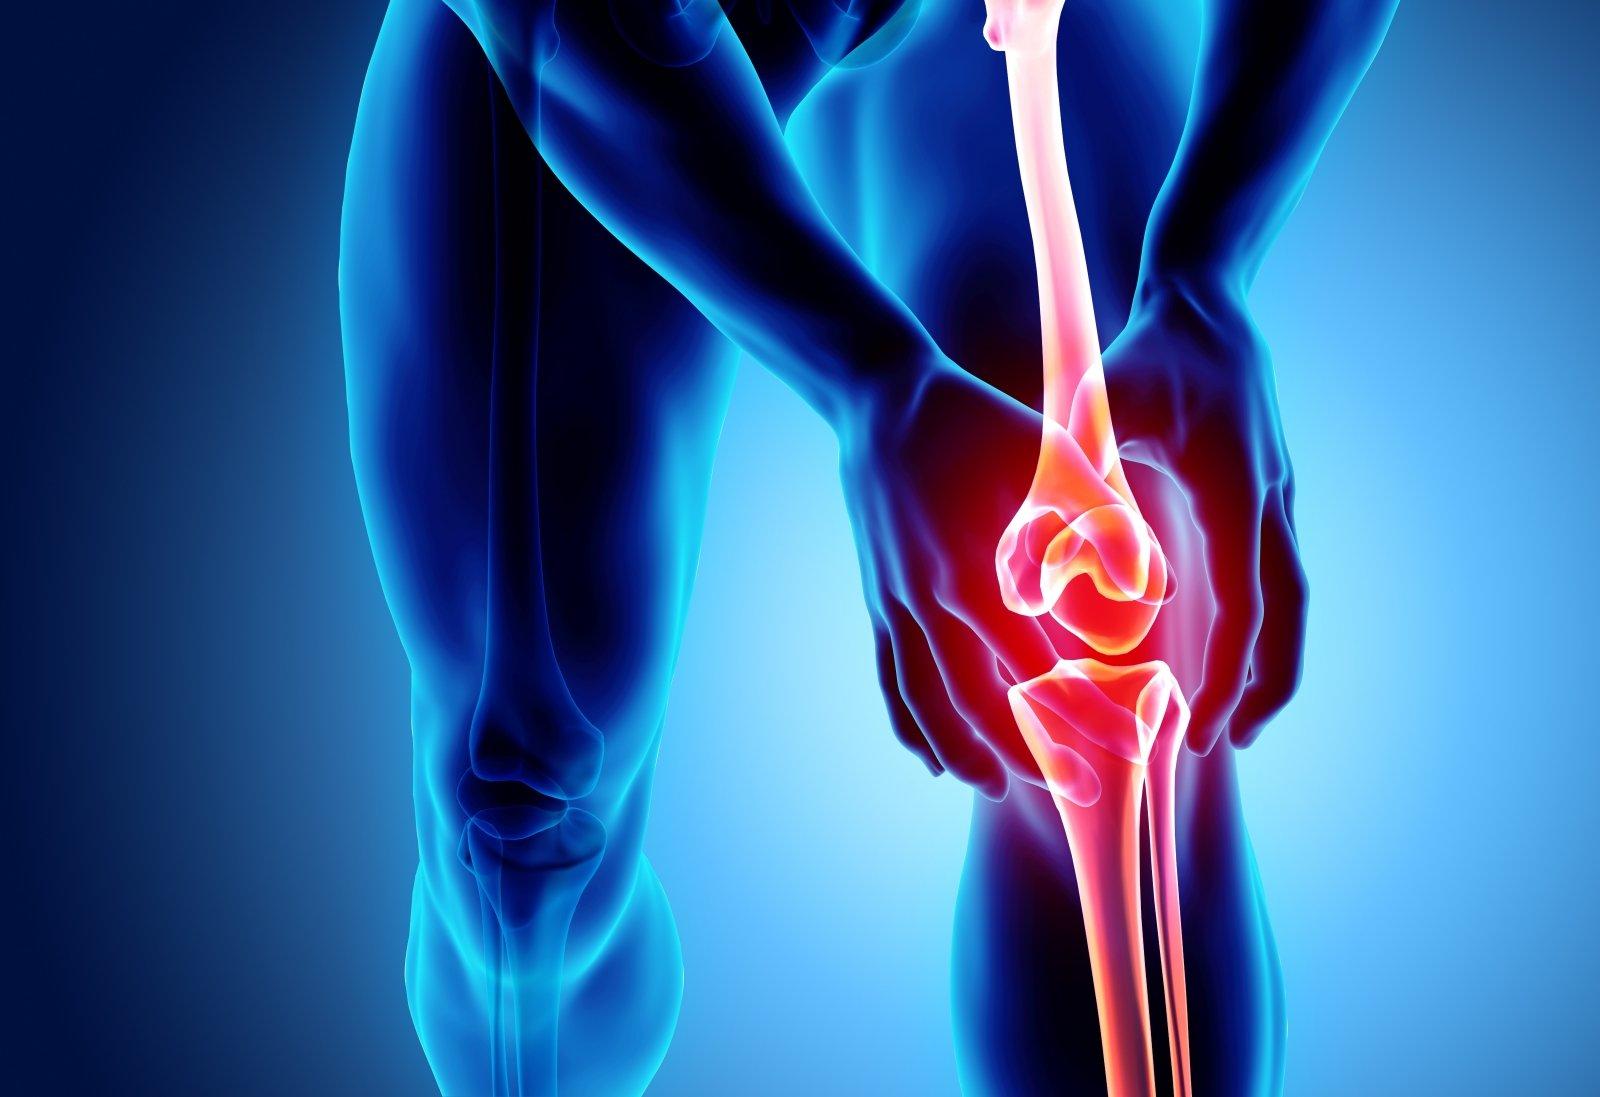 atleidimas iš alkūnės sąnario gydymo raumenų su grybelis gerklės sąnarių